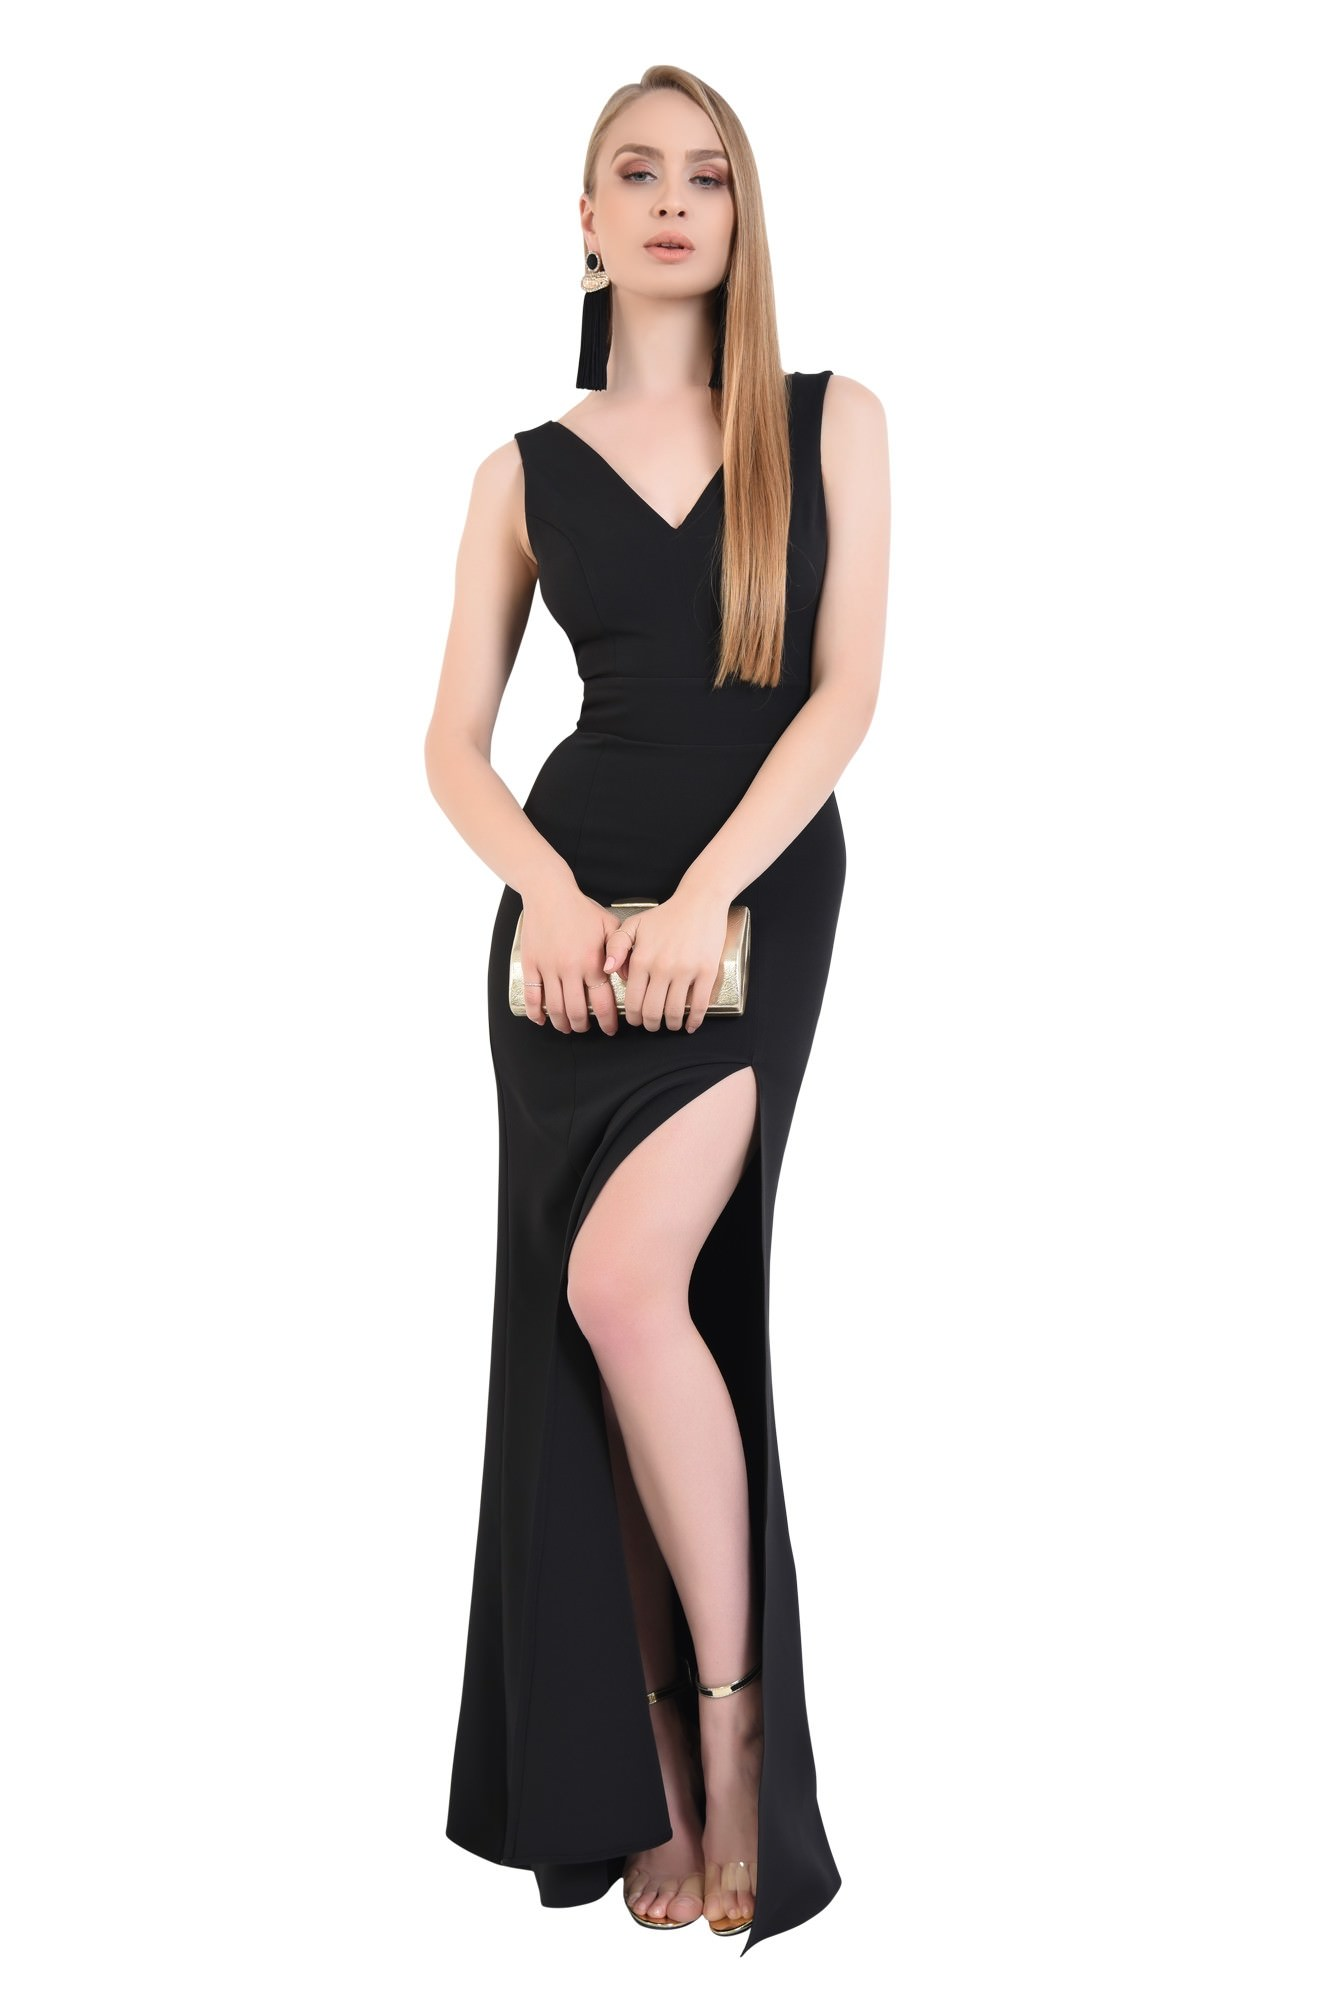 0 - rochie de seara, decolteu, anchior, negru, slit